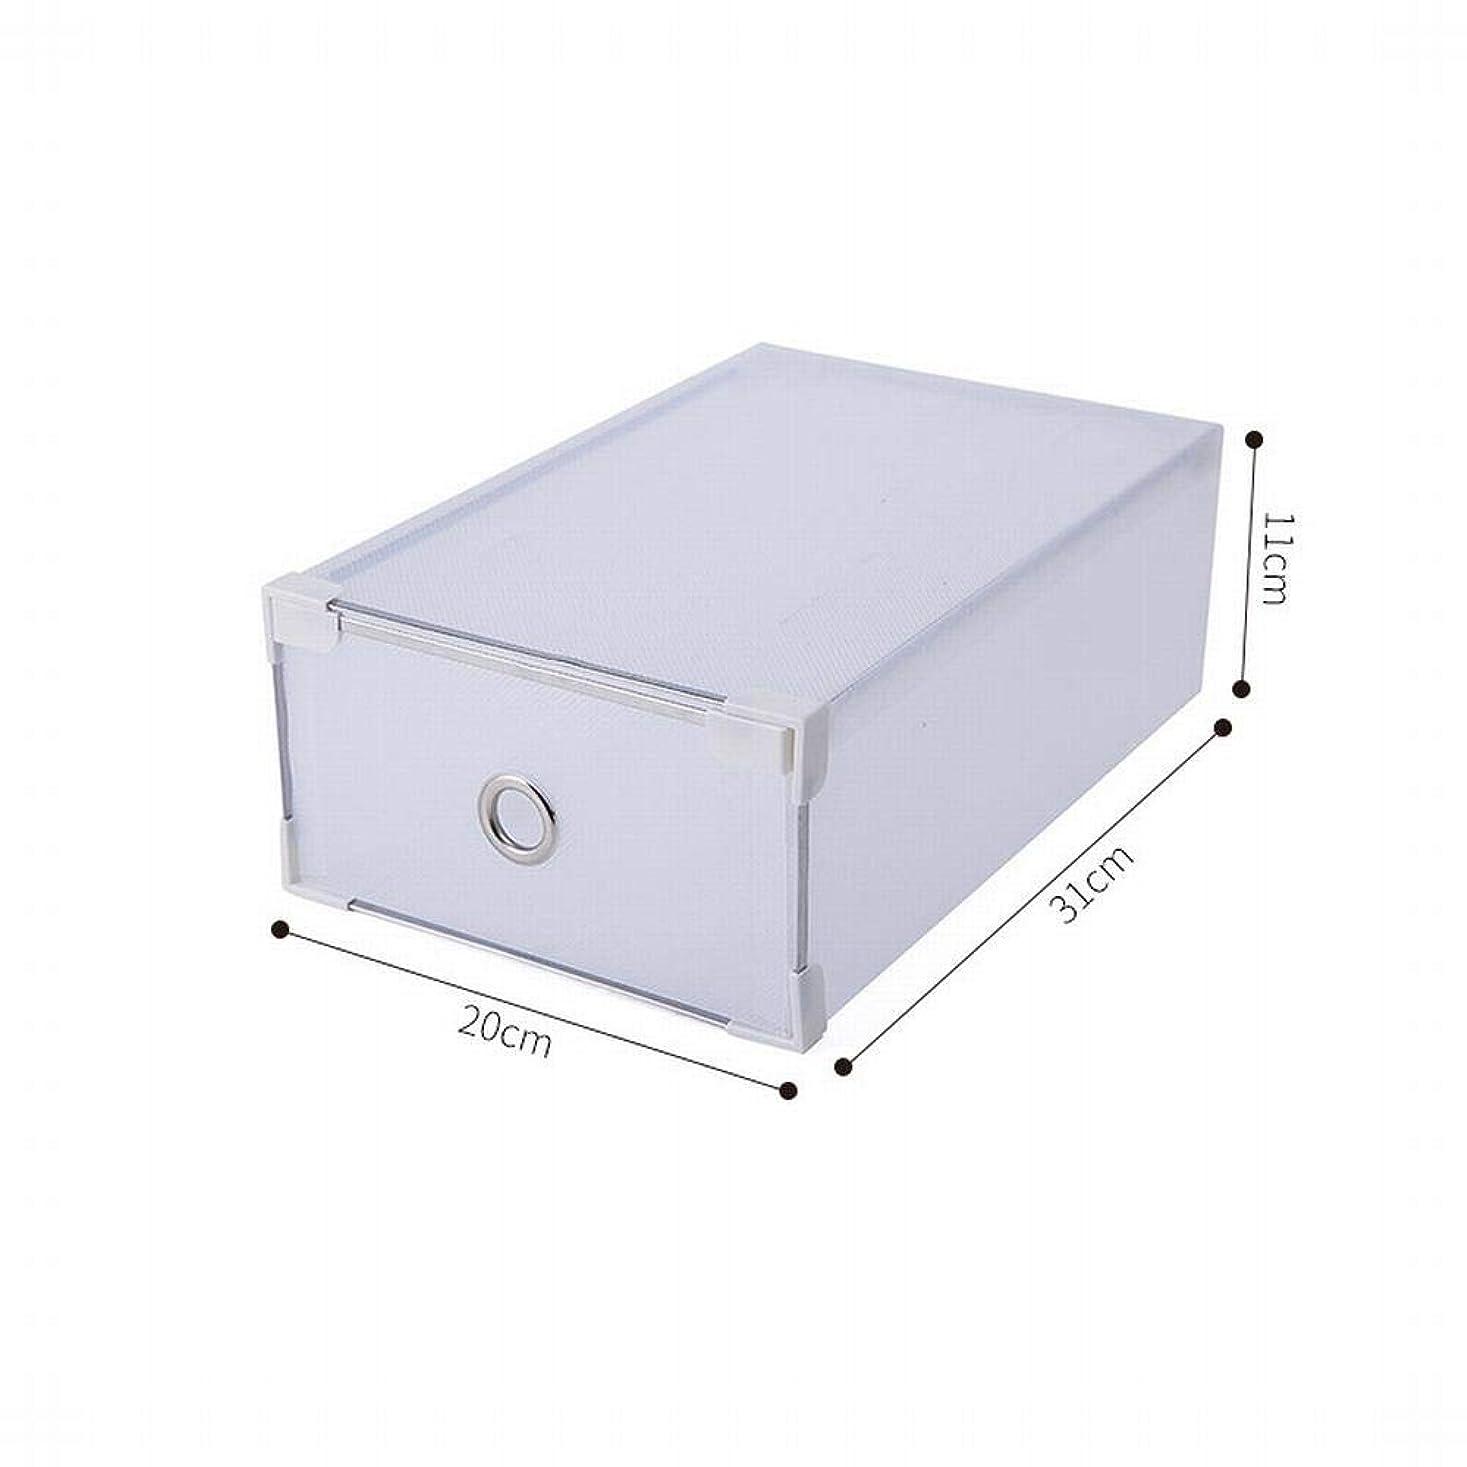 原告ダルセットレザーBOBIDYEE 靴箱シンプルな半透明の収納ボックス厚いプラスチックの男性と女性の靴箱のダスト引き出しの組み合わせ靴収納ボックス (Size : Women)